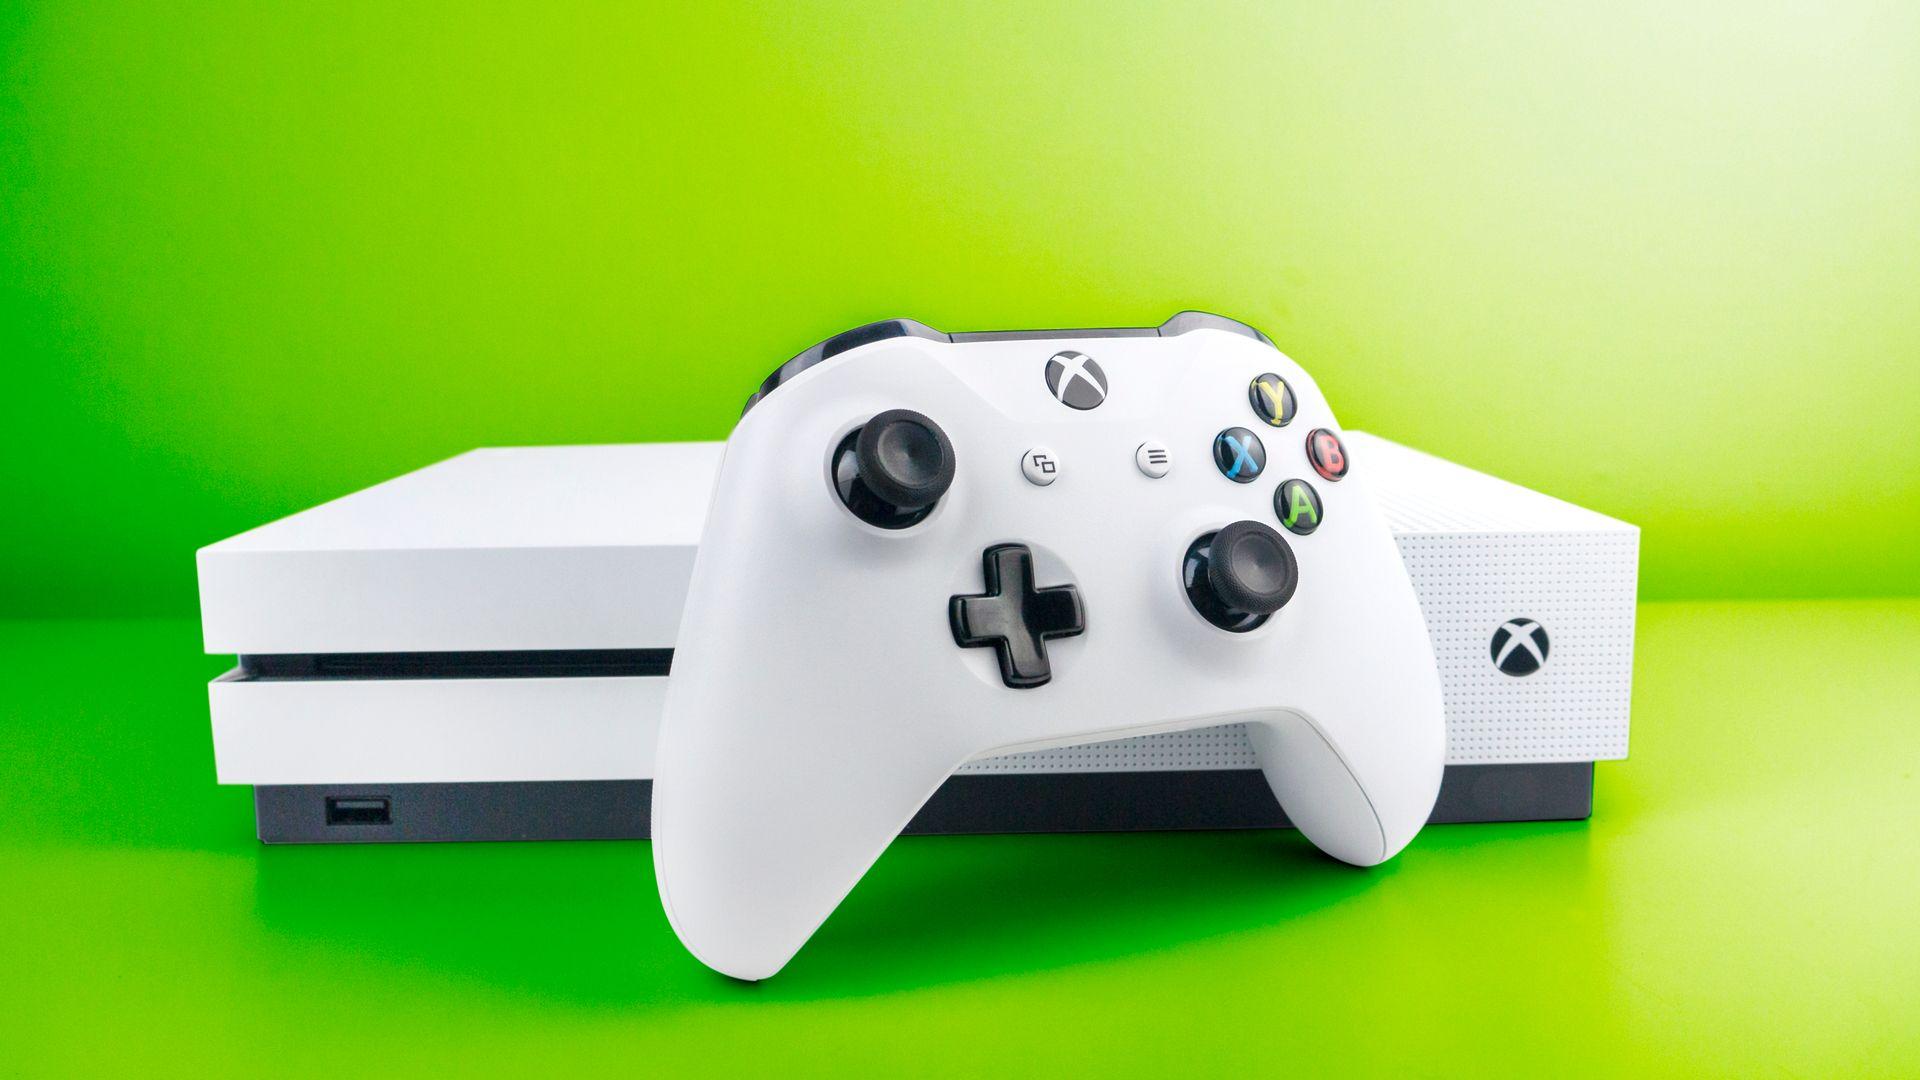 O Xbox Game Pass funciona tanto no Xbox One quando no PC com Windows 10. (Foto: Shutterstock/Anthony McLaughlin)